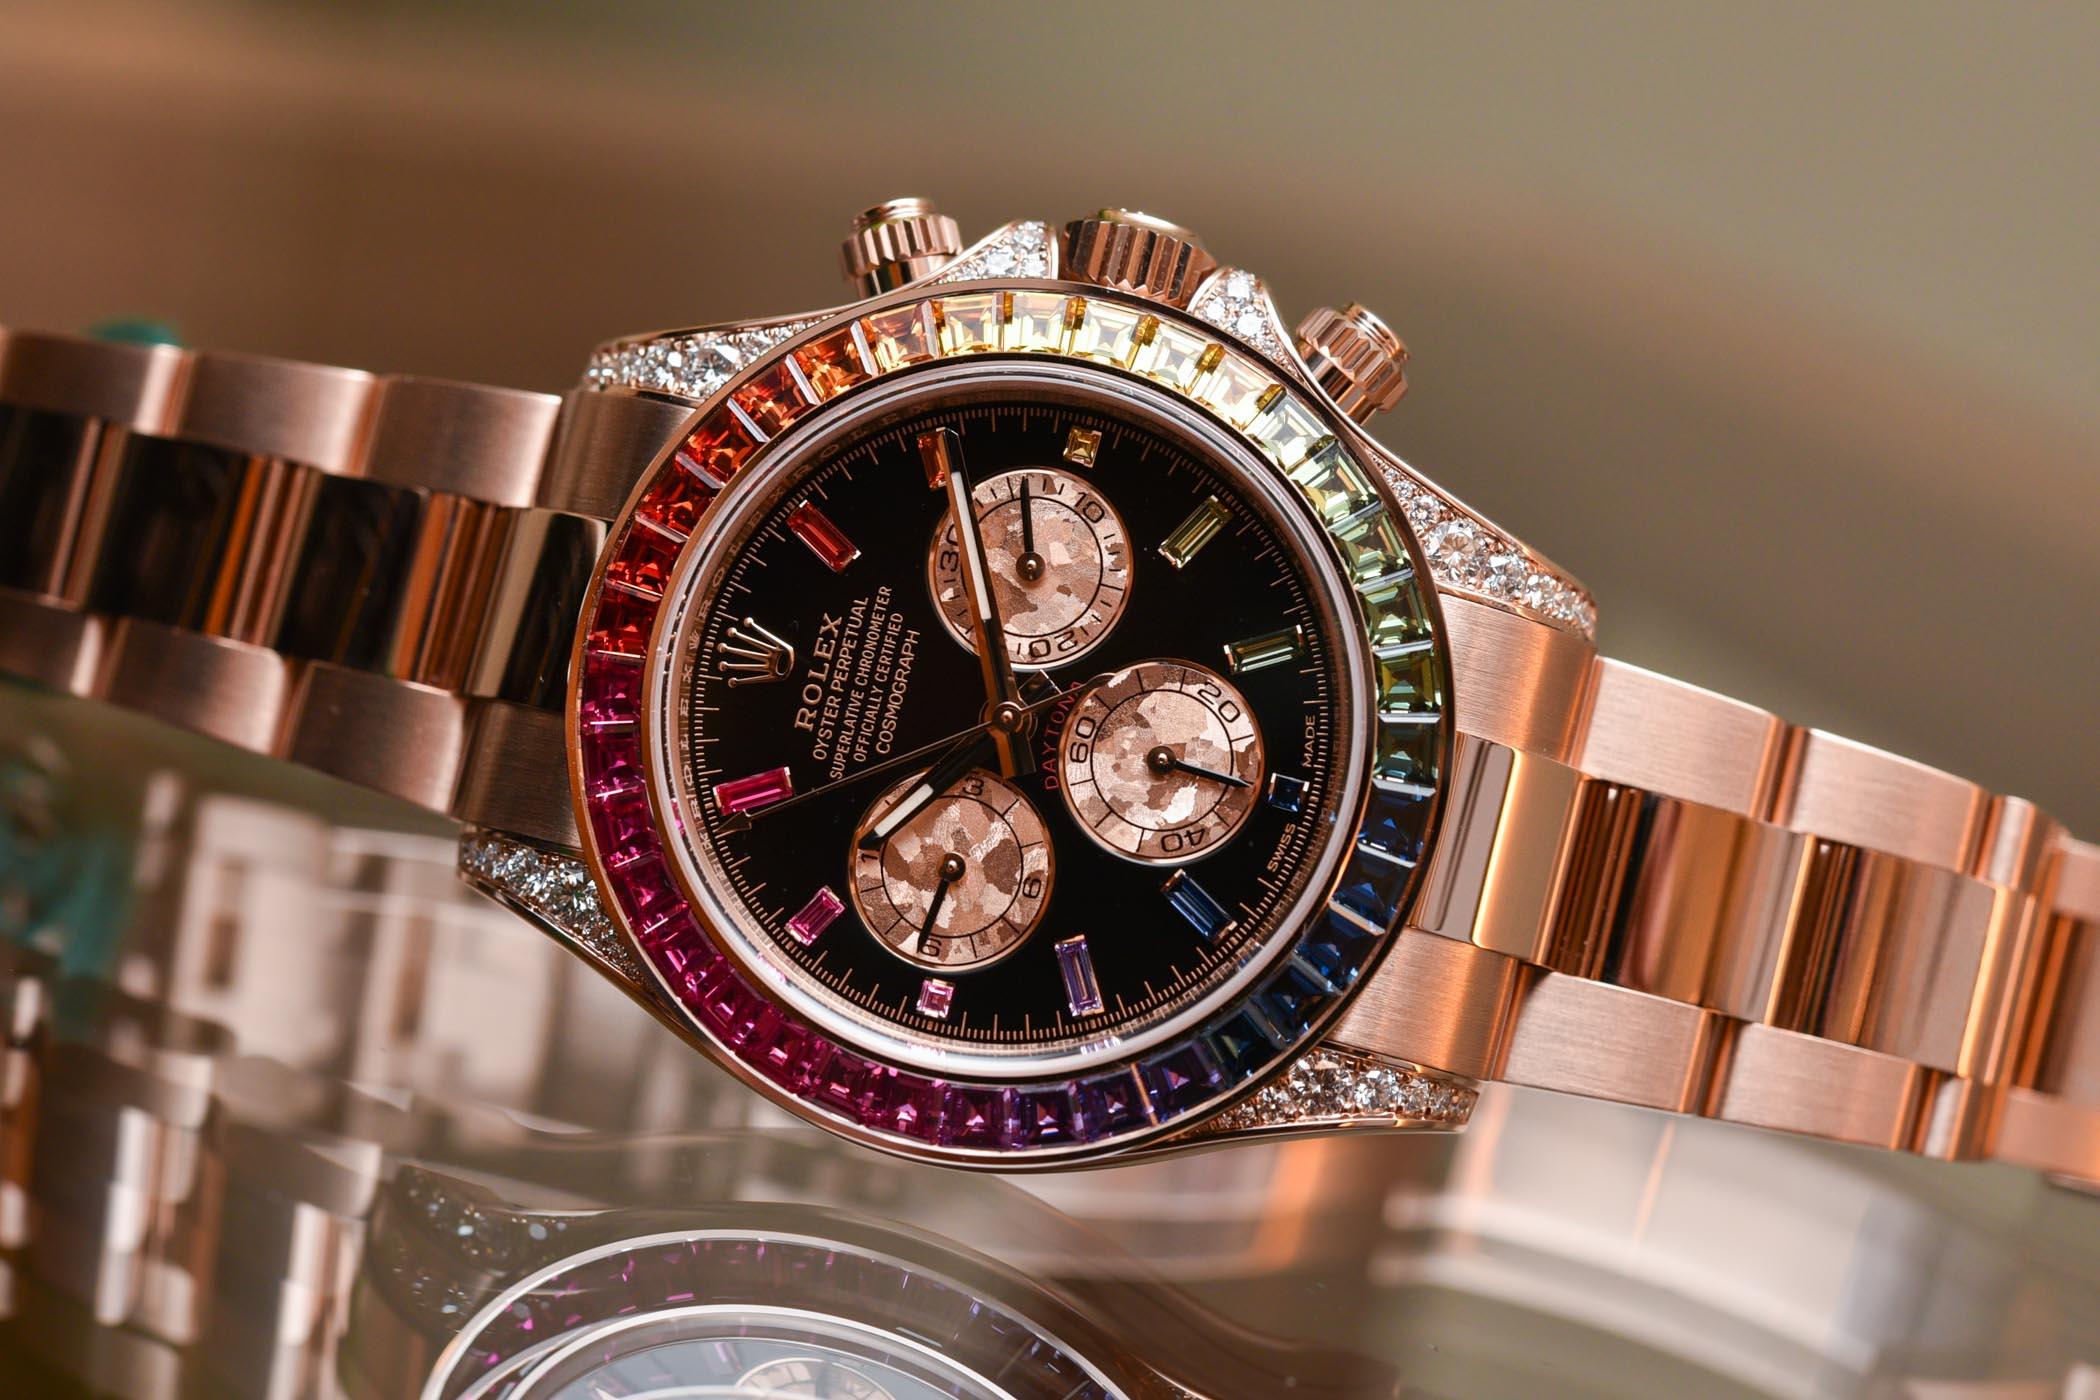 Gia Bảo Luxury - Cung cấp dịch vụ trao đổi đồng hồ Rolex chính hãng cũ - mới uy tín nhất Việt Nam mới uy tín tại Việt Nam